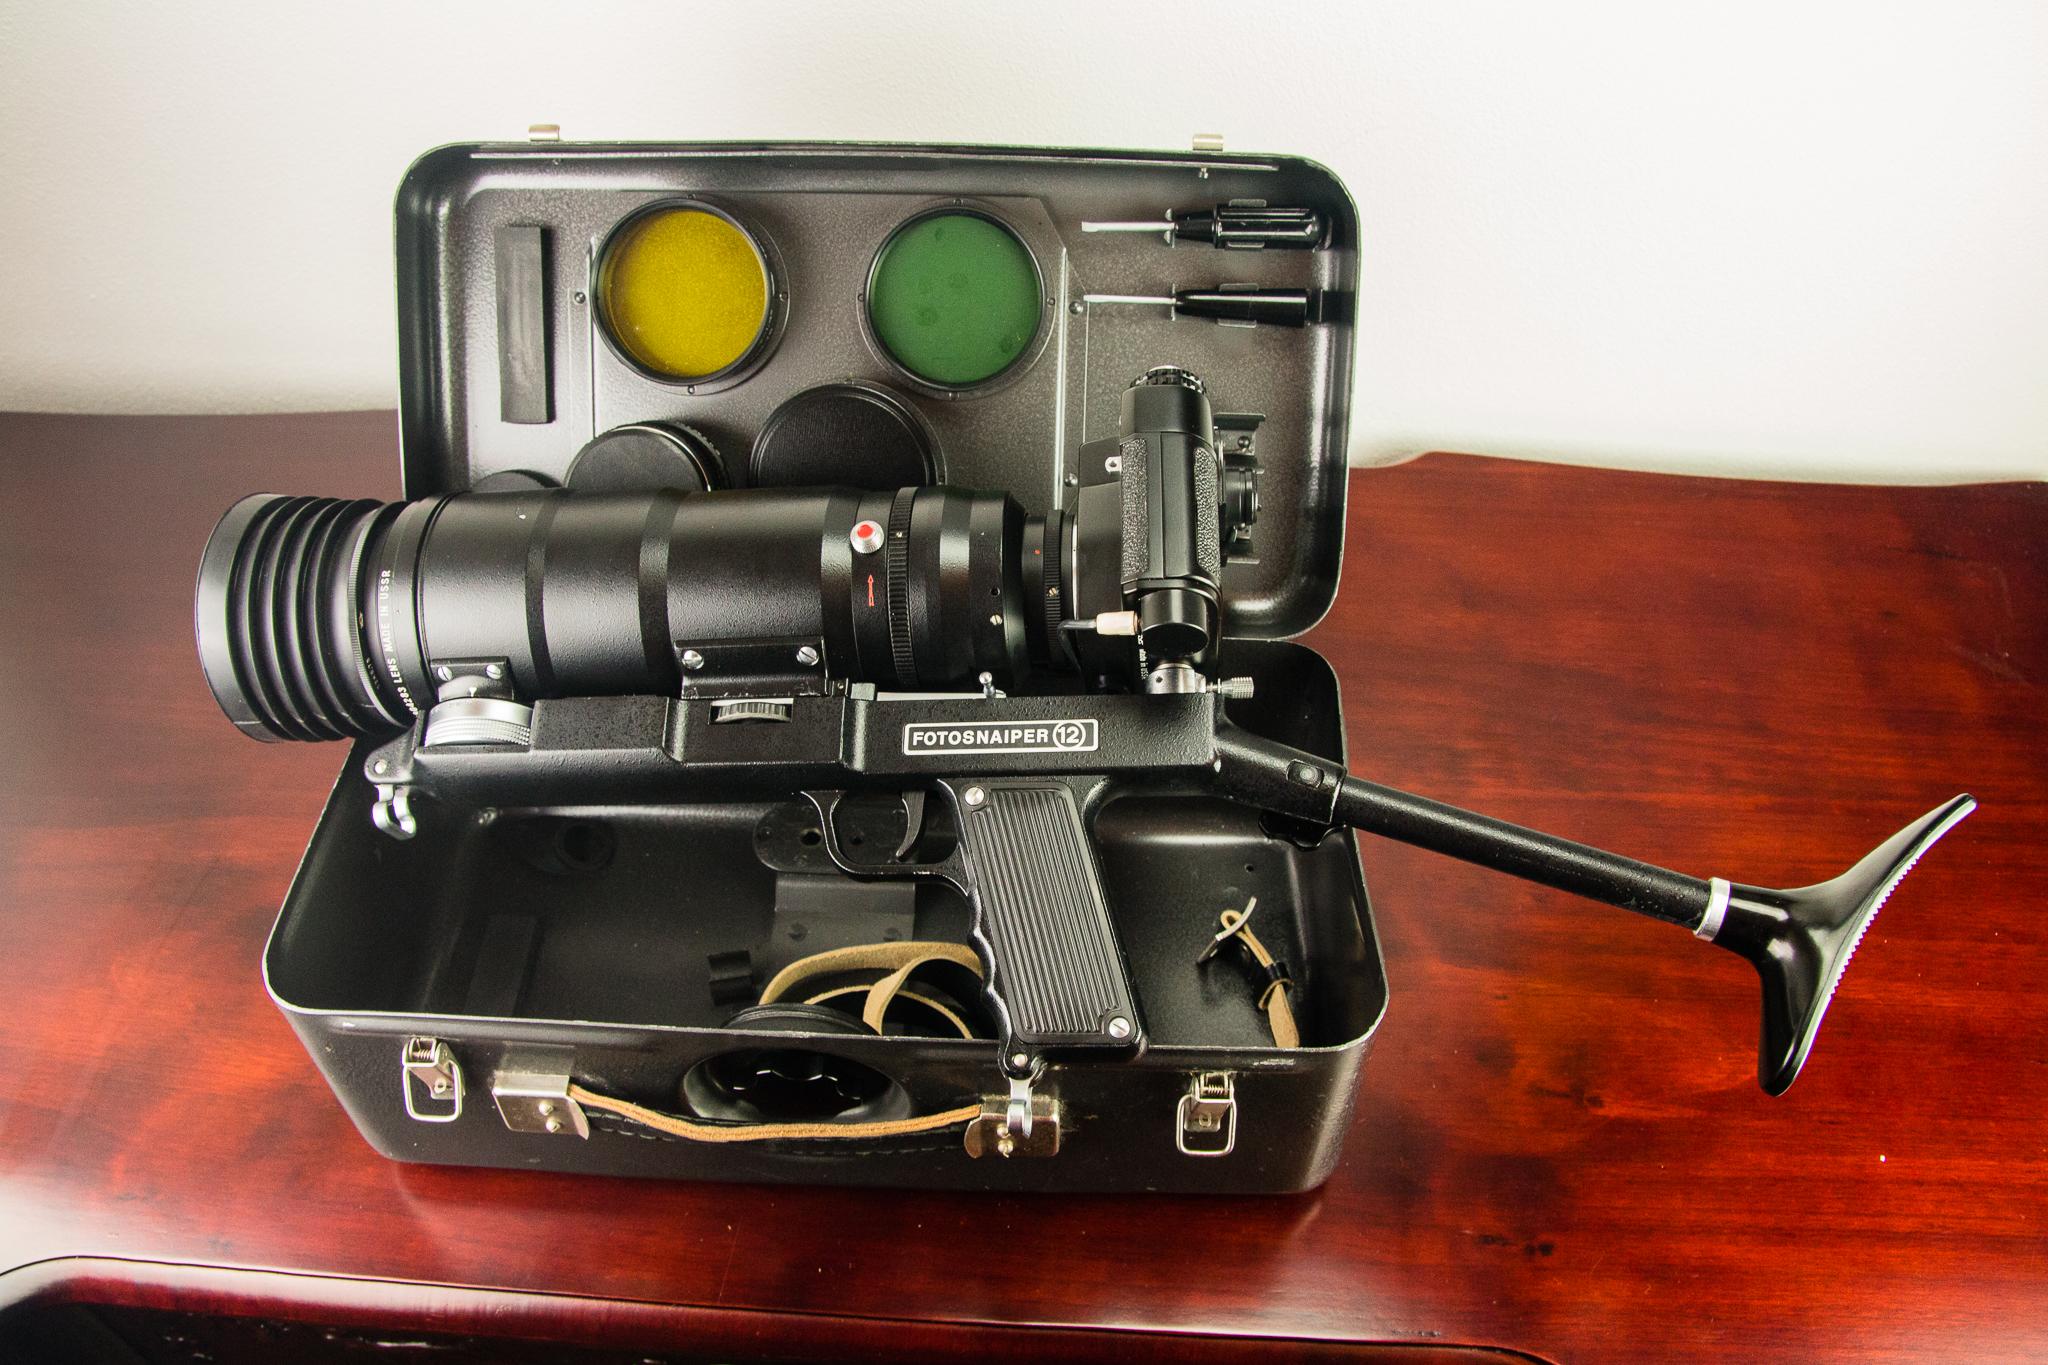 KMZ Fotosnaiper kit (Pic: Iain Compton)